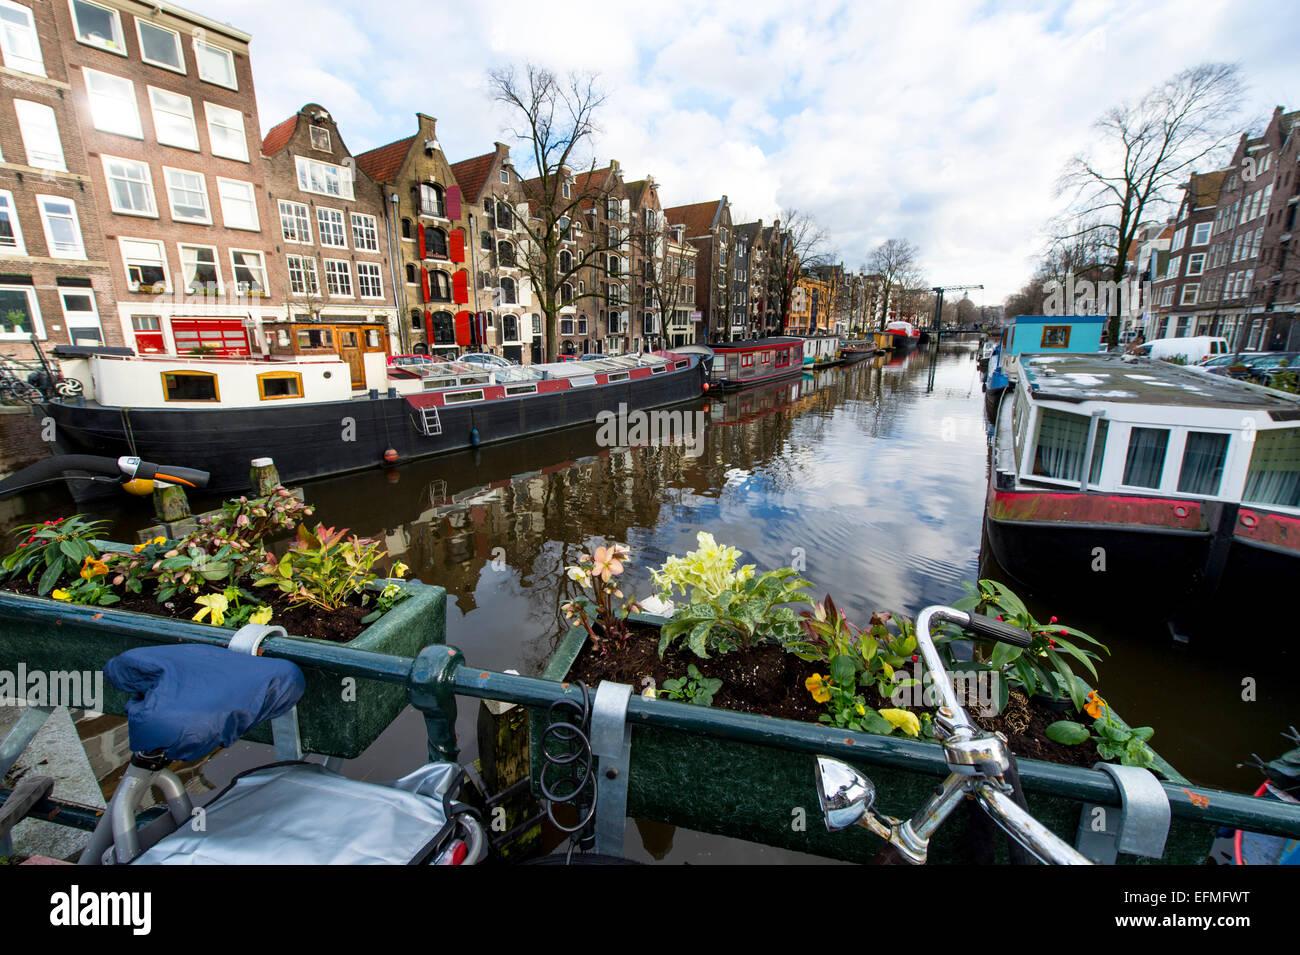 Licht Tour Amsterdam : Licht im winter auf einem kanal in amsterdam mit pflanzen und ein